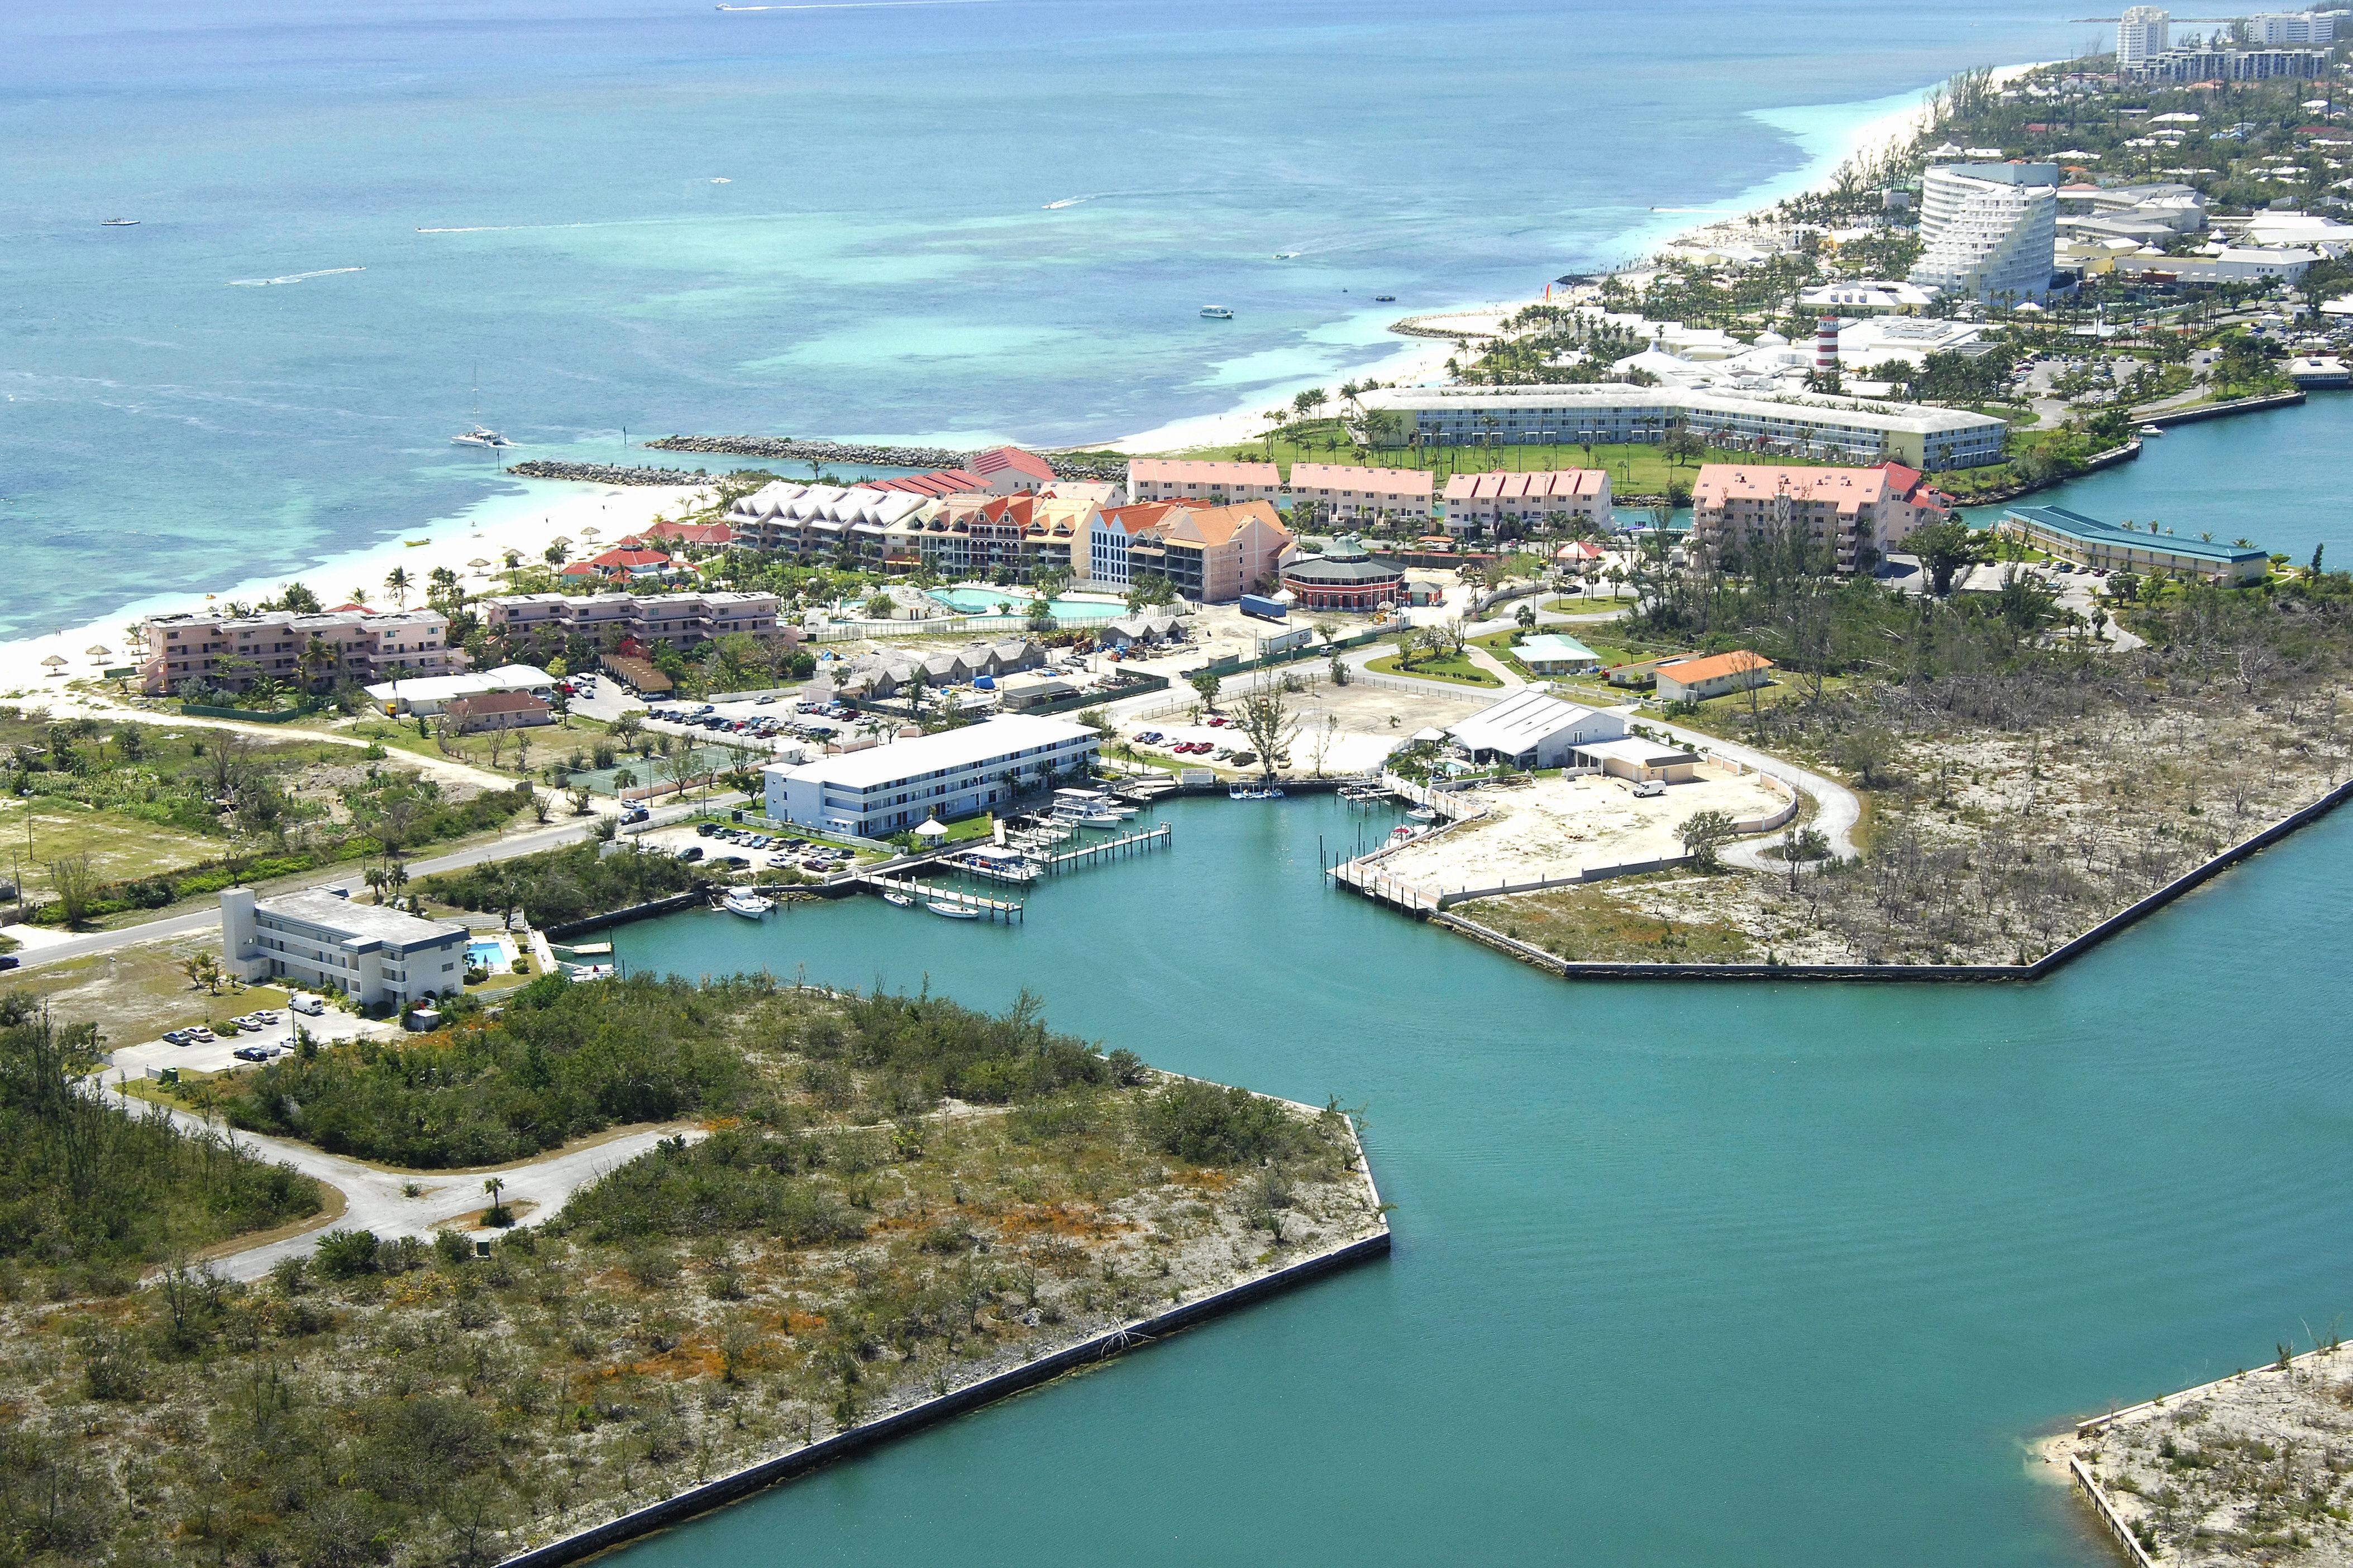 Hotel Marina At Taino Beach